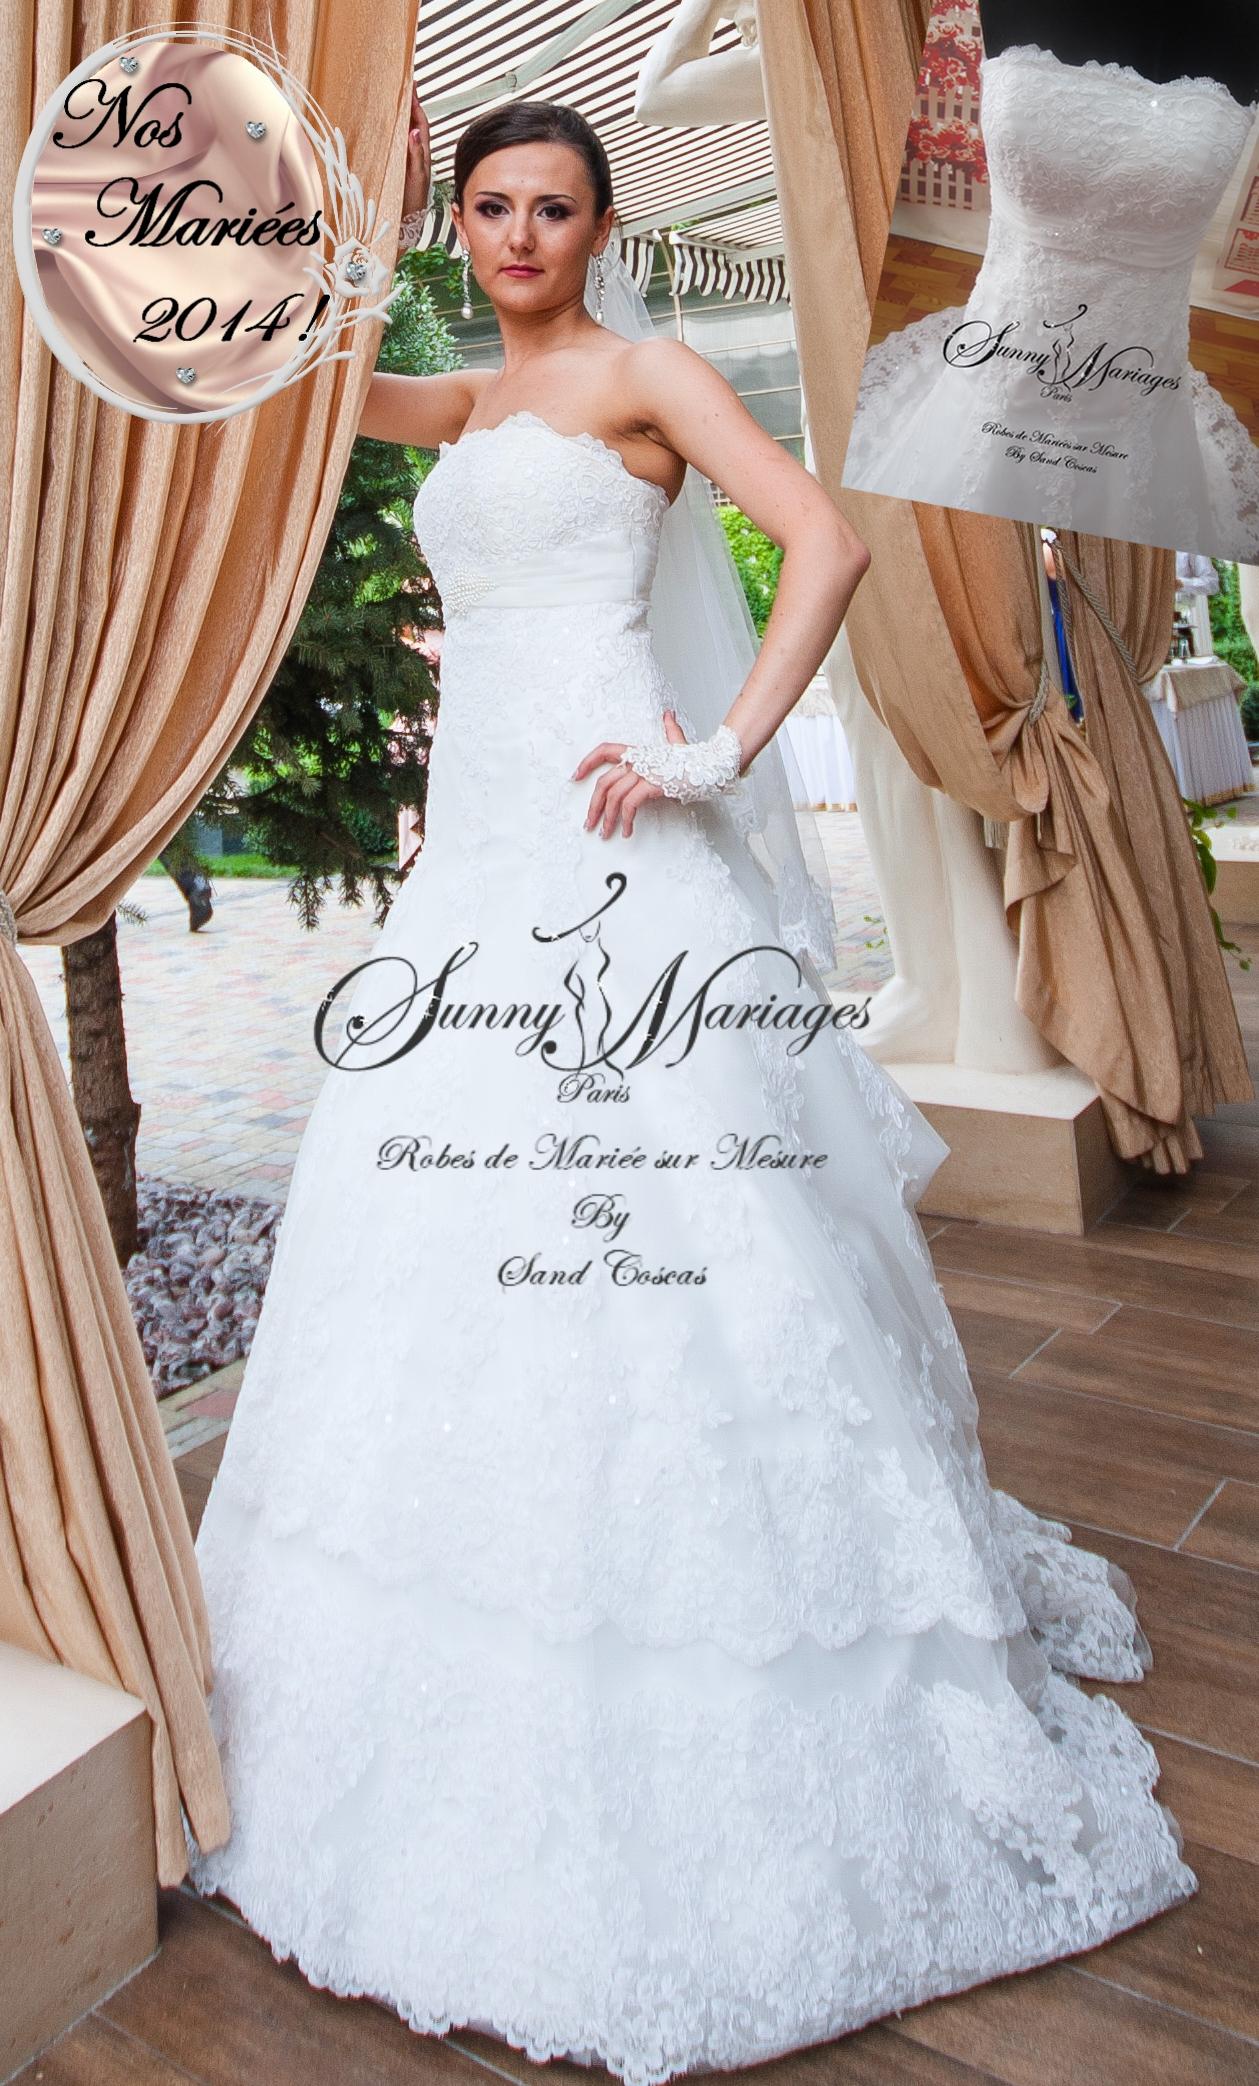 robes de mariée bustier A line dentelle Sunny Mariages Paris sur ...